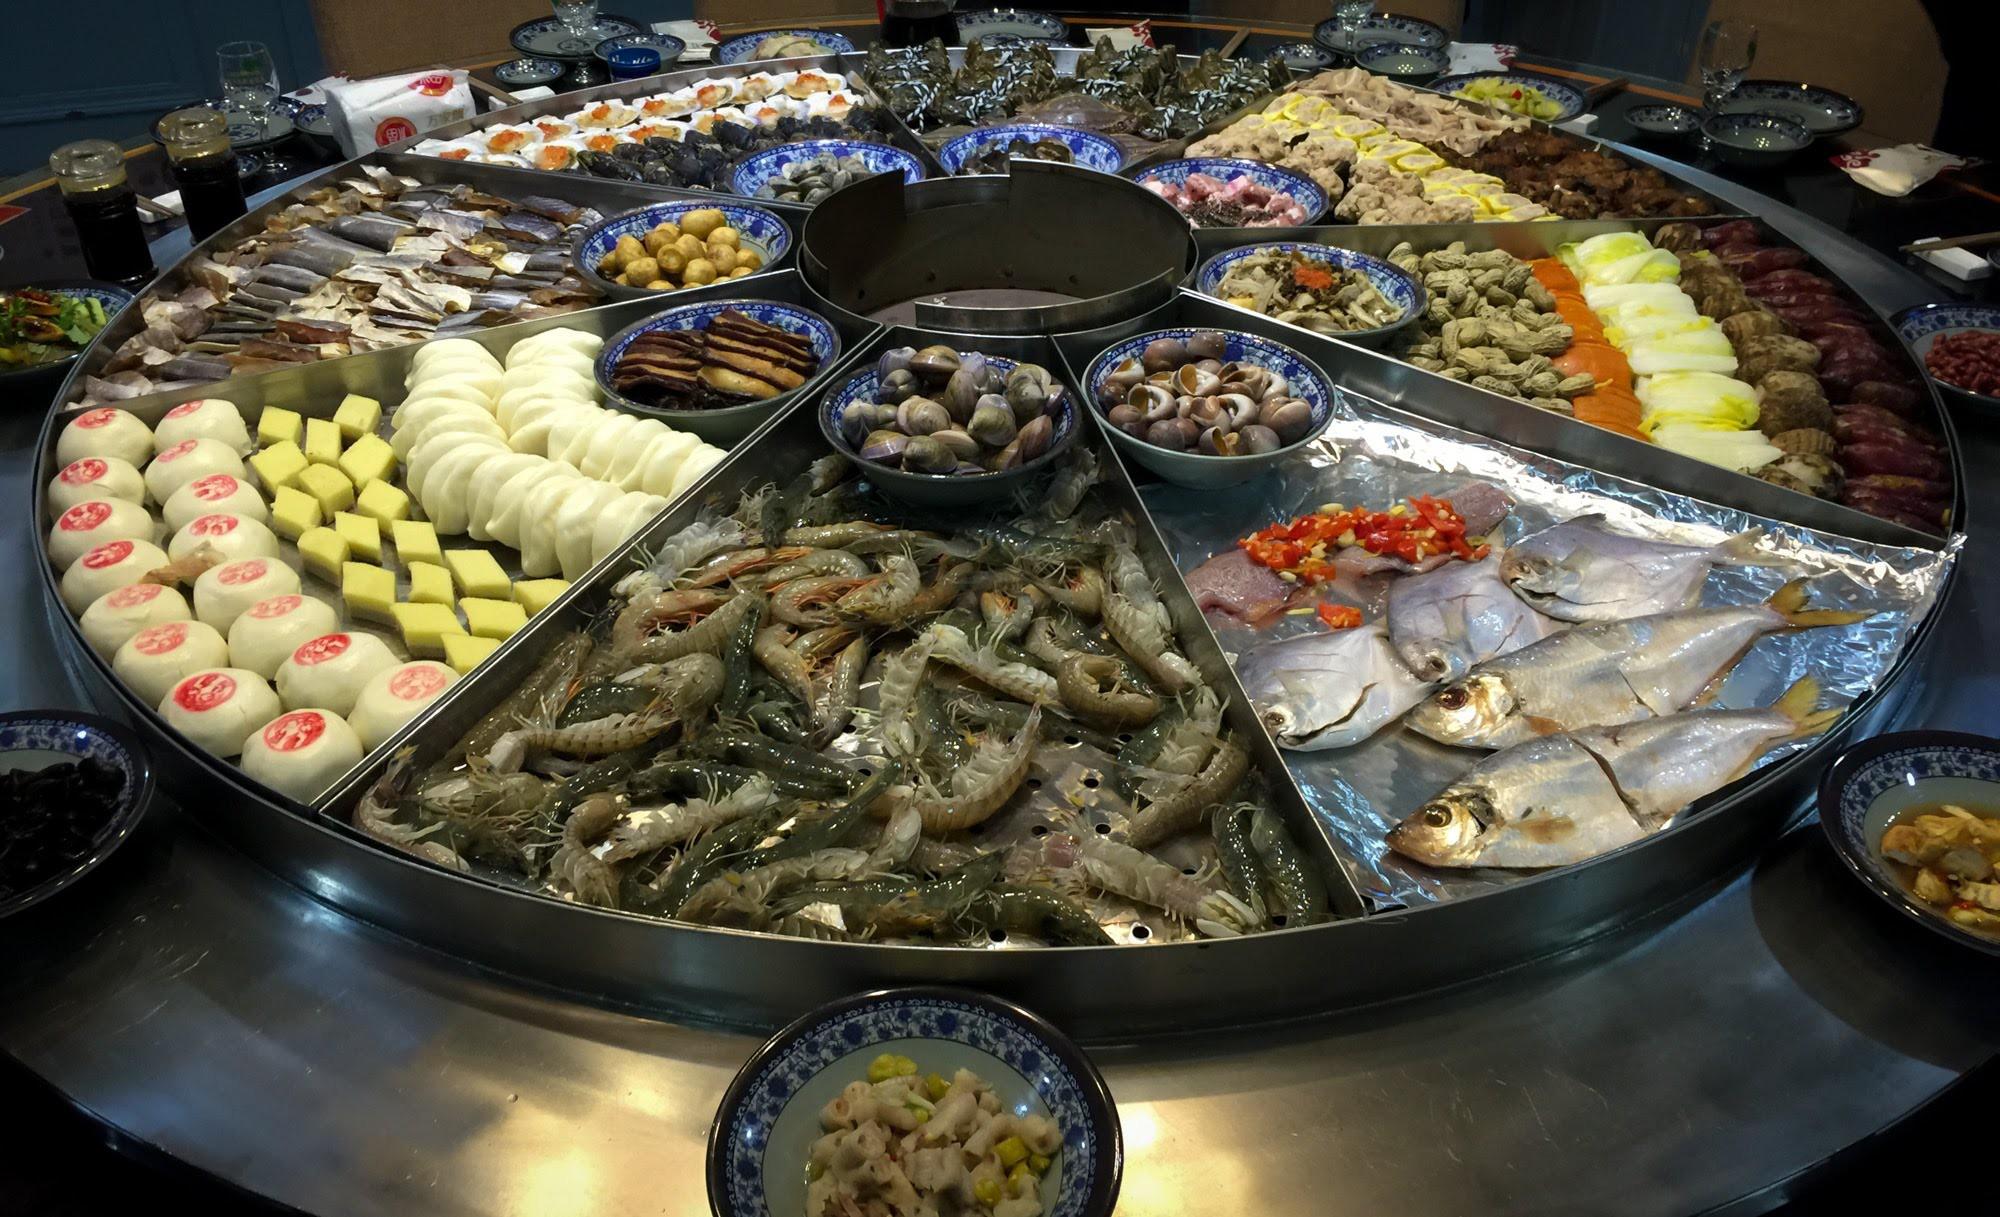 Nồi hải sản ở Ninh Ba (Trung Quốc) to ngoài sức tưởng tượng nhưng giá lại rẻ bất ngờ - Ảnh 1.